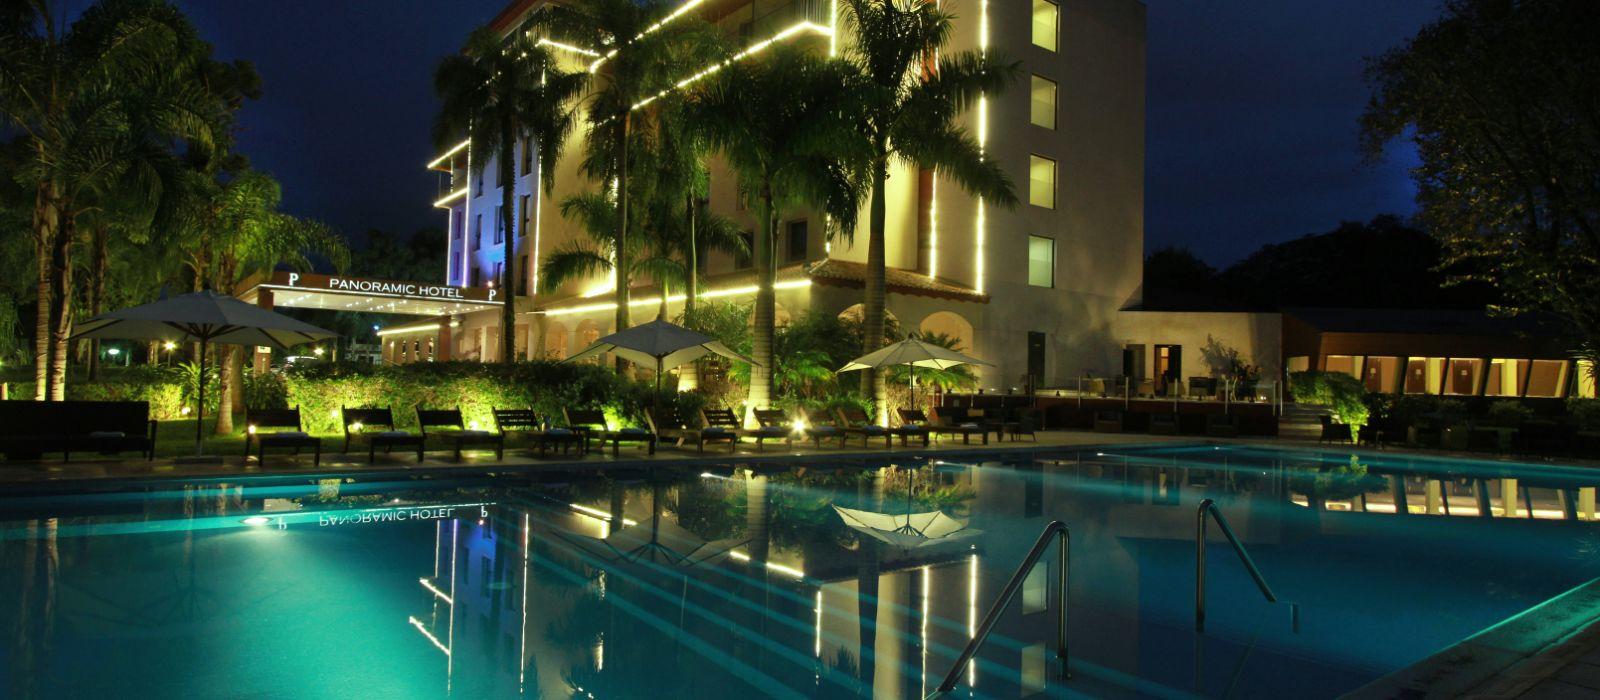 Hotel Panoramic Grand Argentina